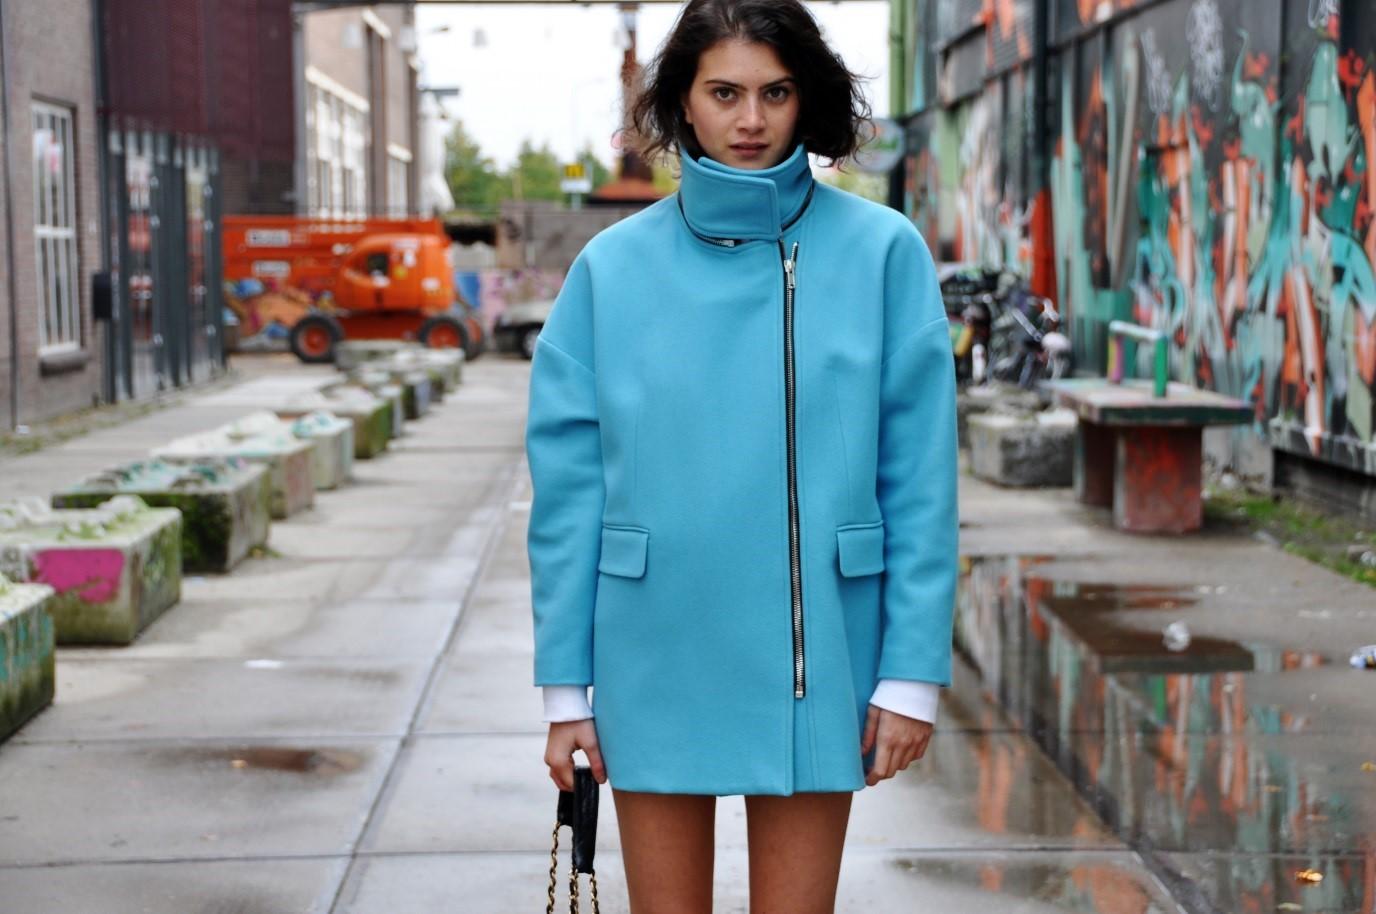 오버사이즈 코트의 예시. 옷선과 몸의 곡선이 따로 놀지만 그 느낌이 나쁘진 않다.